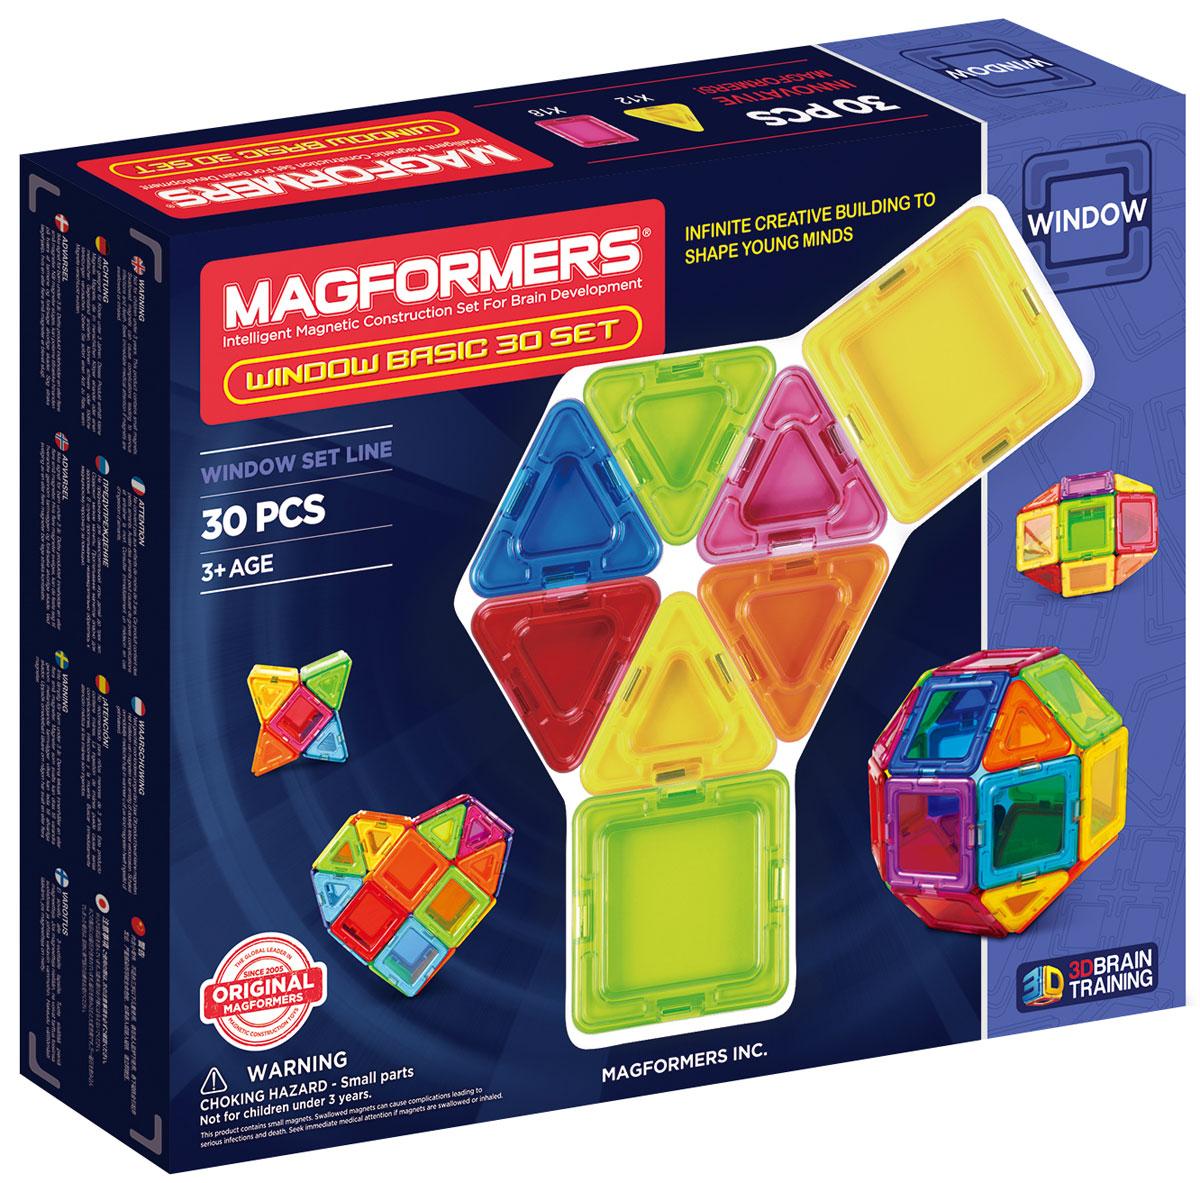 Magformers Магнитный конструктор Window Basic 714002714002Window Basic 30 Set — представитель новой серии Window, в которую также входят Window Basic 14 Set и Window Inspire 14 Set. Особенностью этой серии являются магнитные детали со сплошным центром, из которых можно собрать непрозрачные модели. В набор входит 30 элементов в форме квадратов и треугольников, с помощью которых можно легко создавать разнообразные объемные предметы. В комплекте представлена иллюстрированная книжка-инструкция, которая наглядно демонстрирует принципы построения моделей из магнитного конструктора Магформерс. Каждая деталь содержит окошко из цветного прозрачного пластика, что открывает новые возможности для творчества. Теперь у сконструированных машин появятся лобовые стекла, а окна небоскребов будут выглядеть как настоящие! Все элементы конструктора Magformers Window Basic 30 Set совместимы с другими наборами Магформерс, что делает его необычным дополнением к уже имеющейся коллекции и позволяет расширить варианты возможных построек. Конструкторы Магформерс — это...